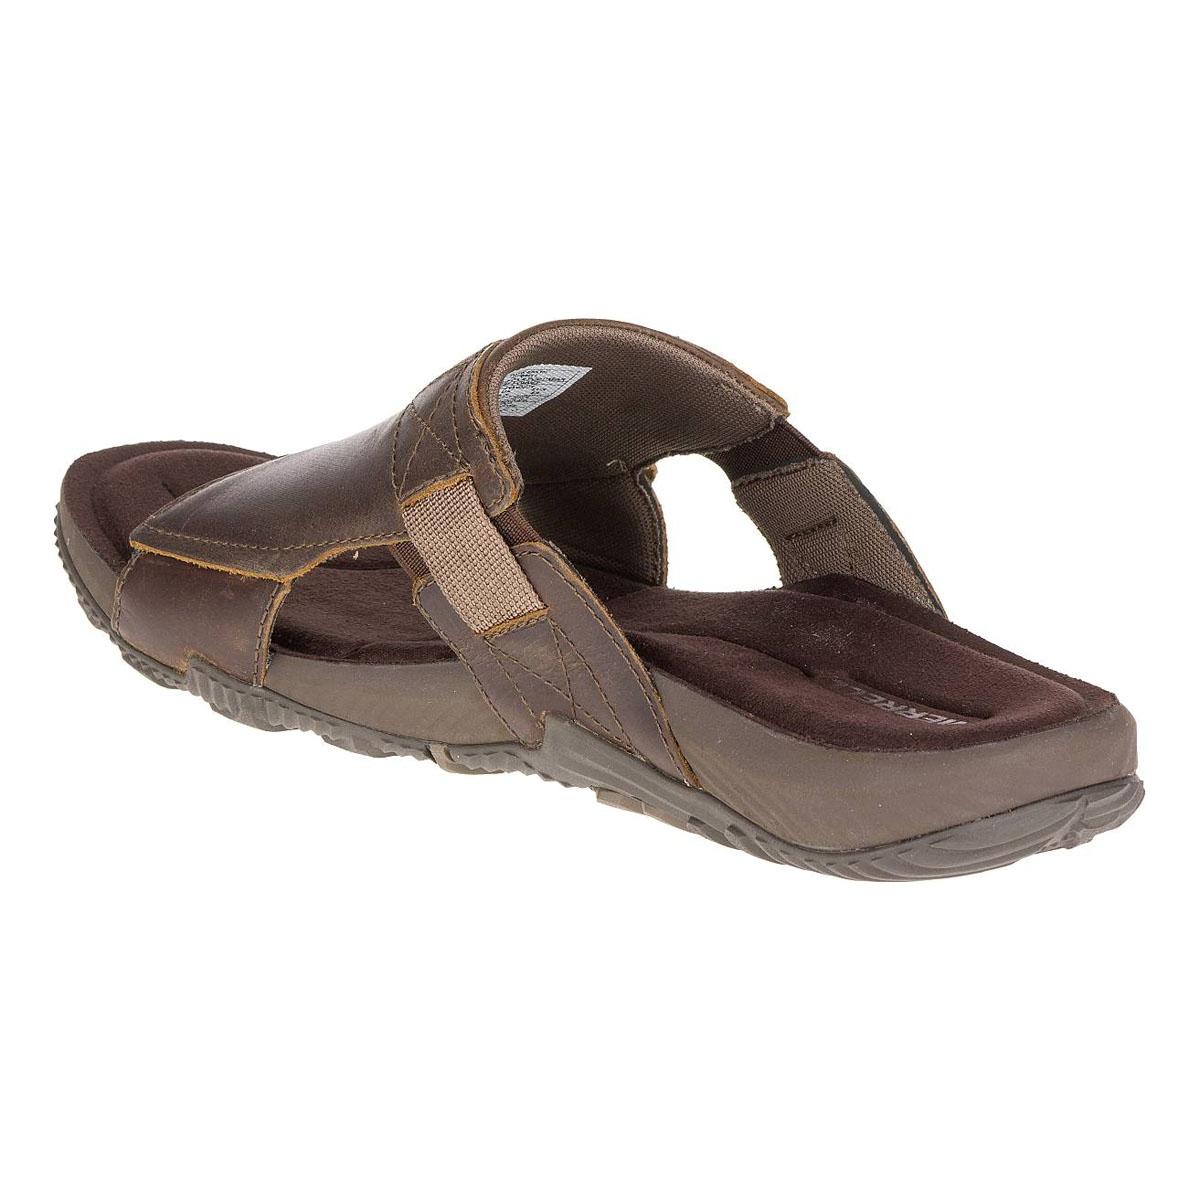 29f26307bf6f ... Image of Merrell Terrant Slide Sandals (Men s) - Dark Earth ...